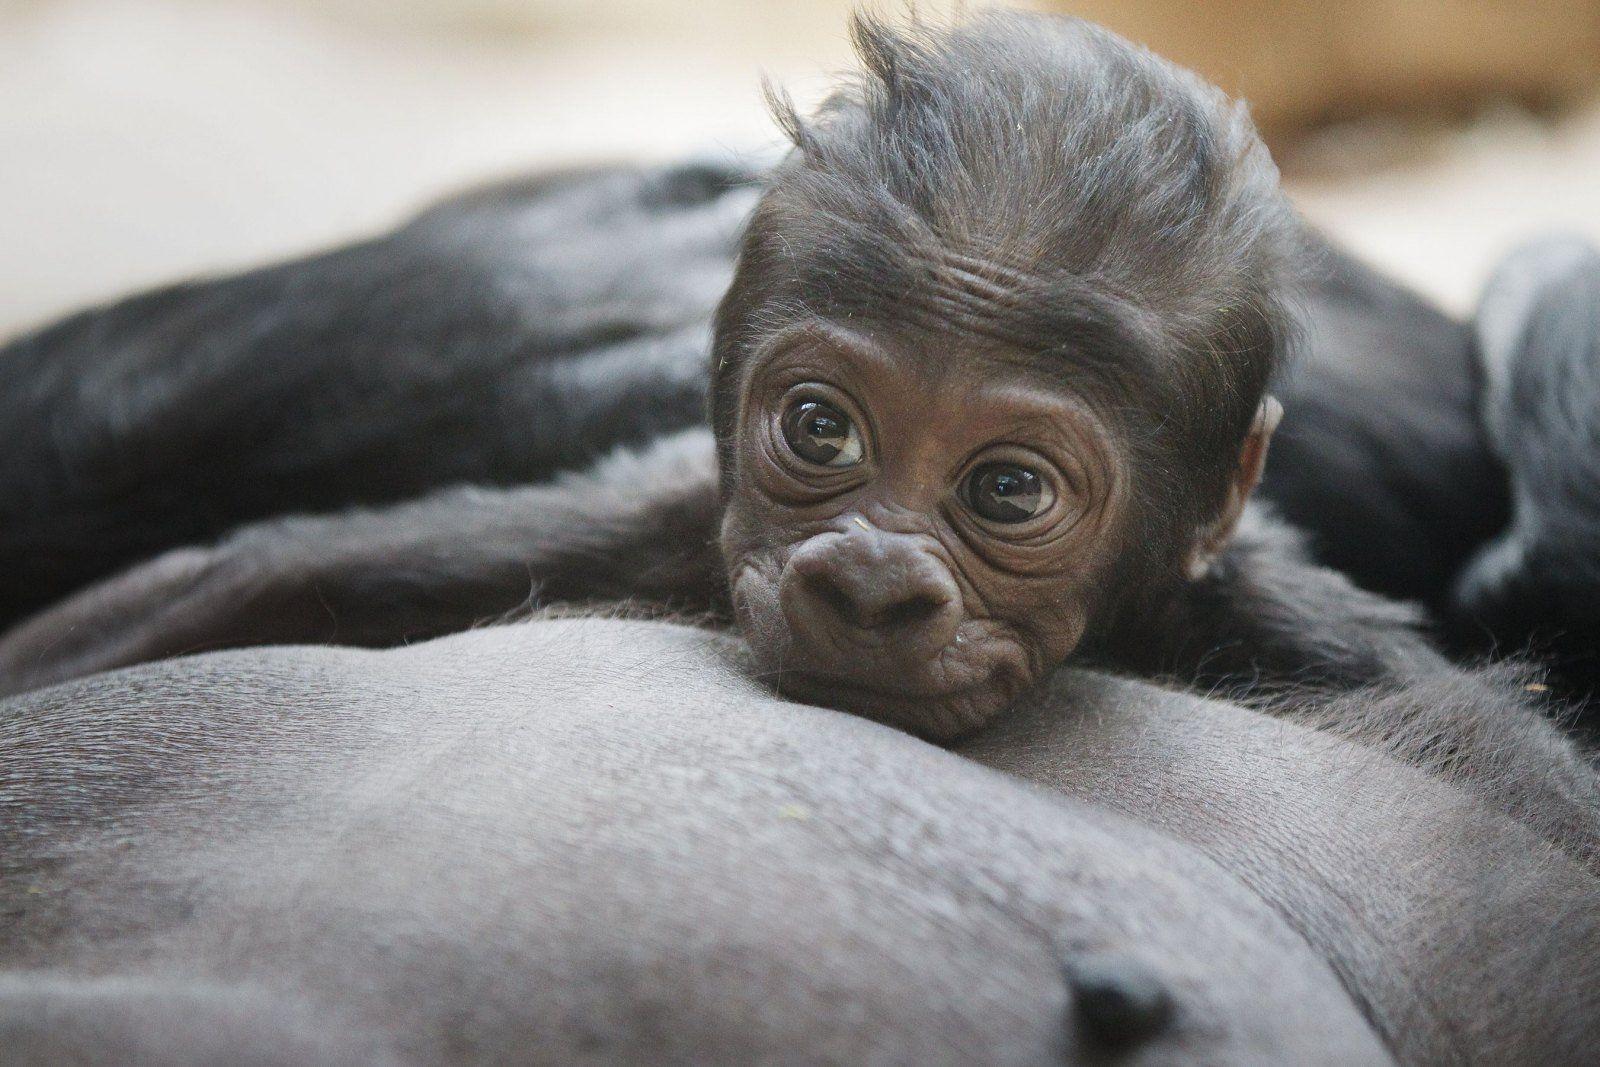 Gorily v praze online dating